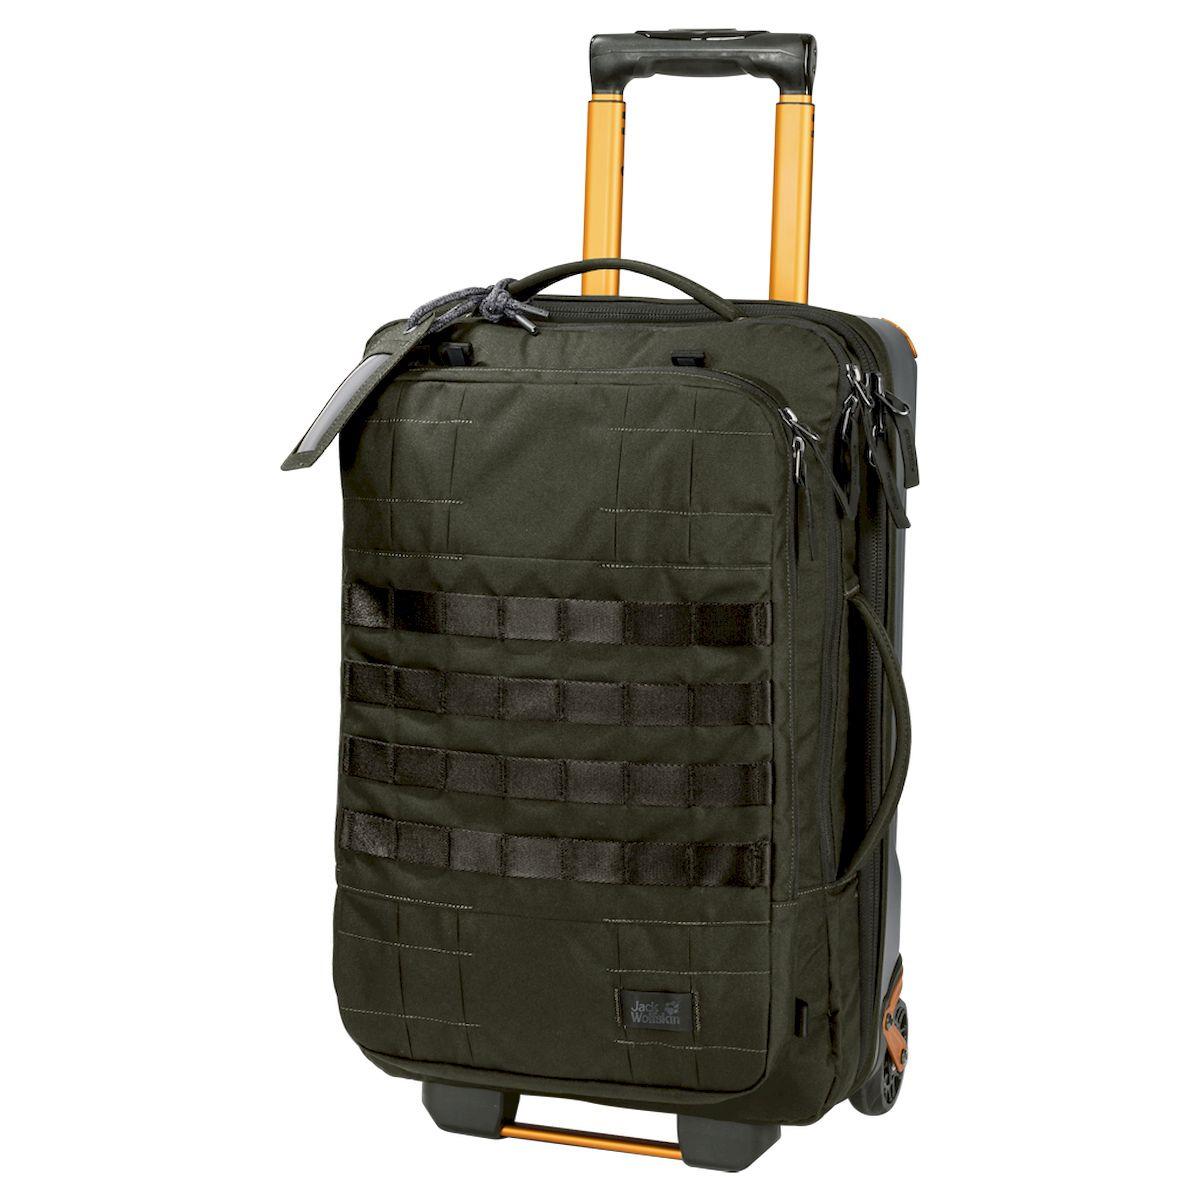 Чемодан Jack Wolfskin Trt Rail 40, 2007031-5043, оливковый2007031-5043Если ваша командировка плавно перетекает в небольшой отпуск, эта сумка — все, что вам нужно взять с собой. TRT RAIL 40 (ТиАрТи РЕЙЛ 40) подарит вам максимум возможностей, поскольку она сочетает в себе преимущества рюкзака и сумки на колесиках. В аэропорту вы можете спокойно катить сумку через терминал, после чего пристегнуть к ней лямки и бежать на автобус. TRT RAIL 40 (ТиАрТи РЕЙЛ 40) оснащена множеством практичных карманов и отделений, помогающих аккуратно разместить все ваши вещи. Эластичный ремень в основном отделении удерживает содержимое сумки на месте, пока вы спешите к следующему пункту назначения. TRT (ТиАрТи) — прочный, выносливый, технологичный — эксклюзивная серия дорожных сумок и рюкзаков для технарей, предпочитающих вещи, сделанные на совесть. По размеру сумка отвечает требованиям к ручной клади и спереди оснащена многочисленными петлями для снаряжения. Водонепроницаемая ткань, из которой сшита сумка, легко справится с кратковременным ливнем.